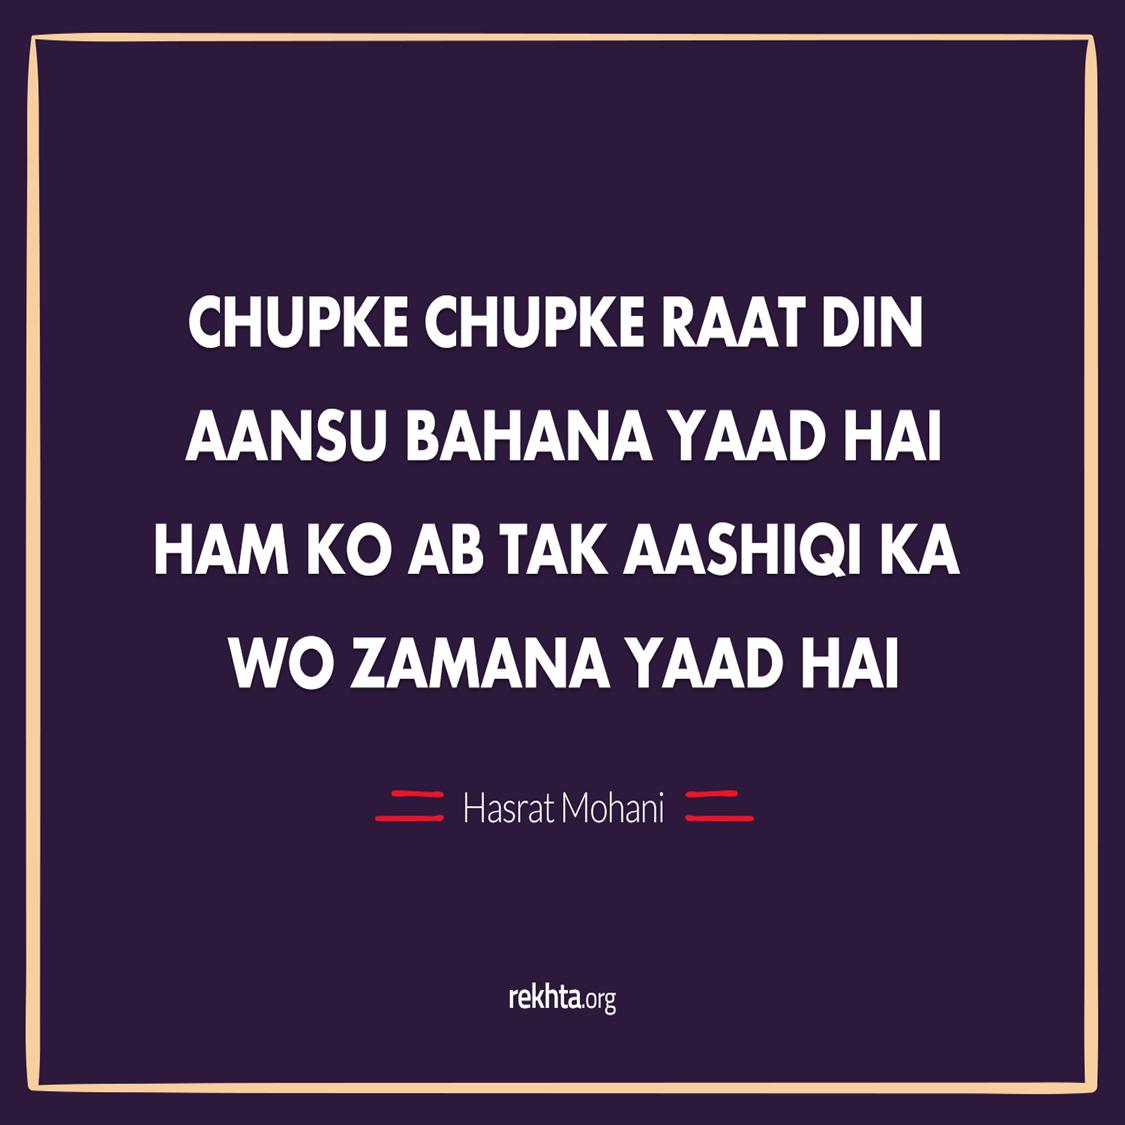 chupke chupke raat din aa.nsuu bahaanaa yaad hai-Hasrat Mohani